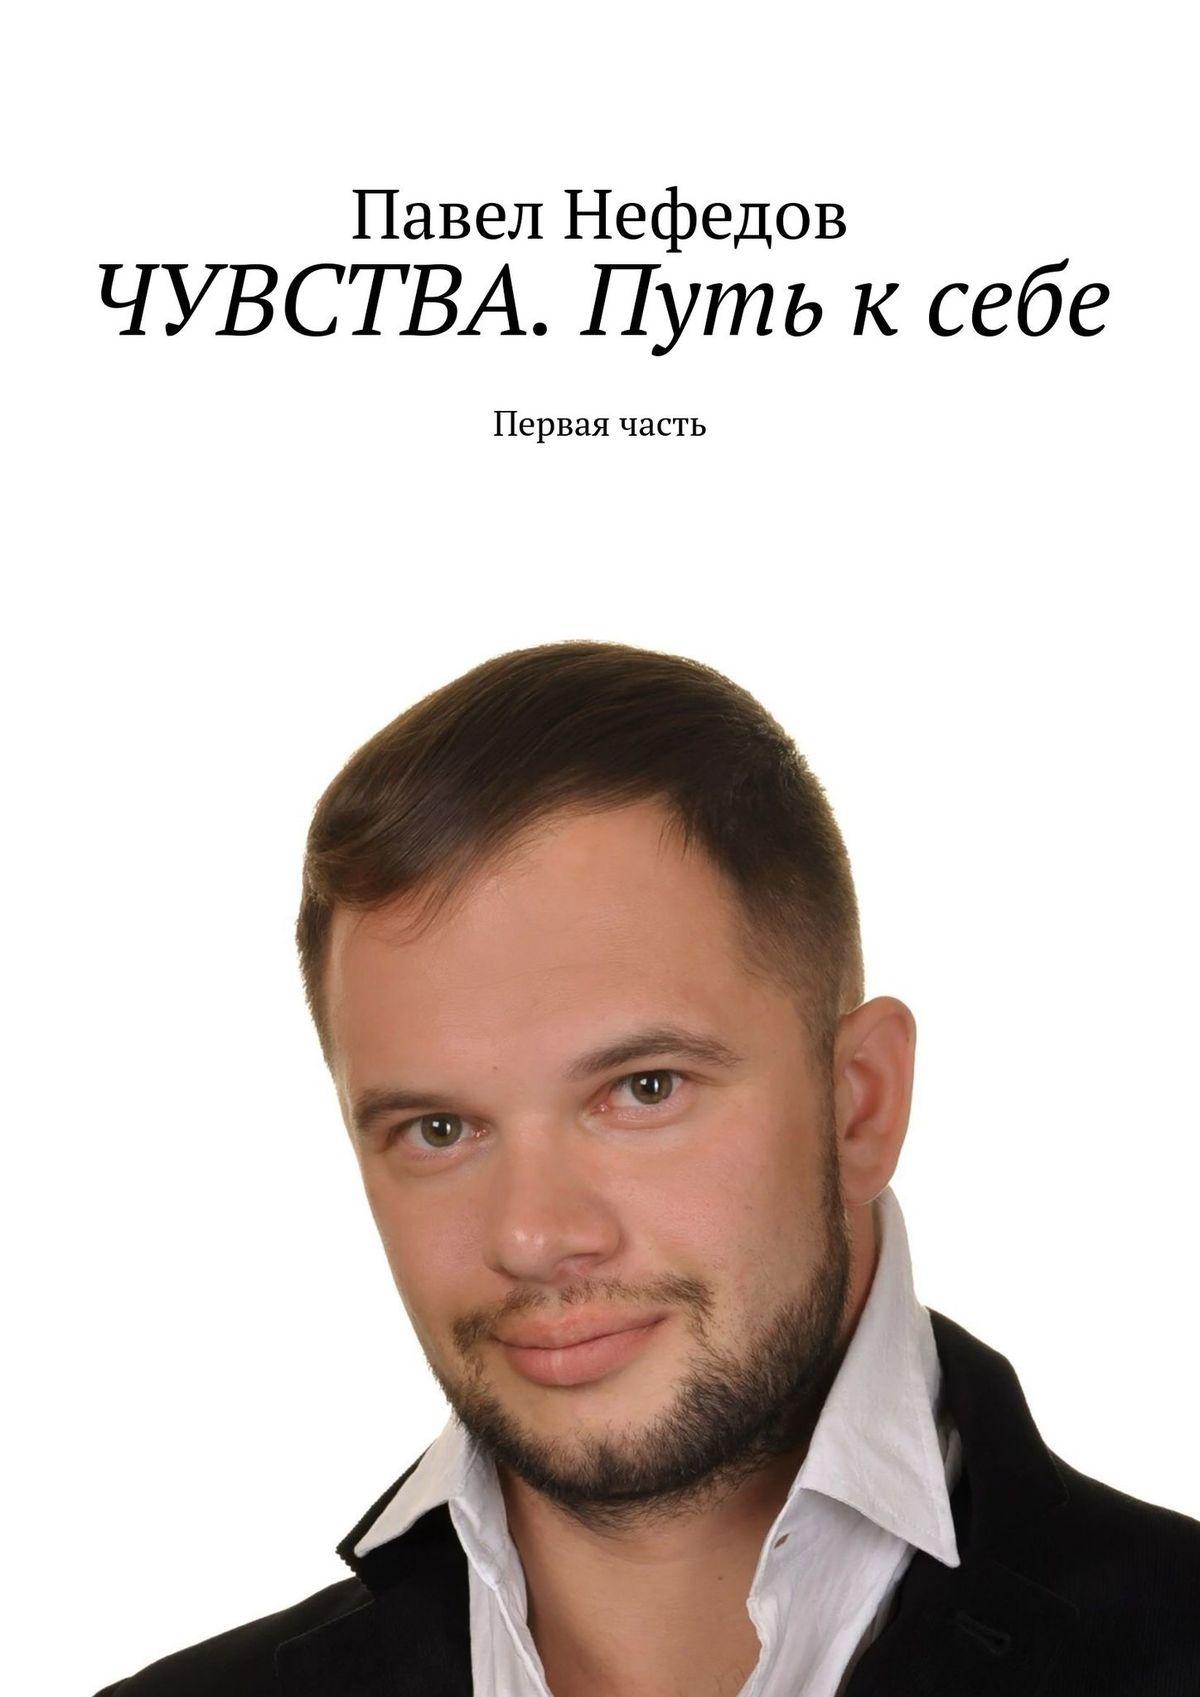 Электронная книга «ЧУВСТВА. Путь ксебе. Первая часть» – Павел Нефедов